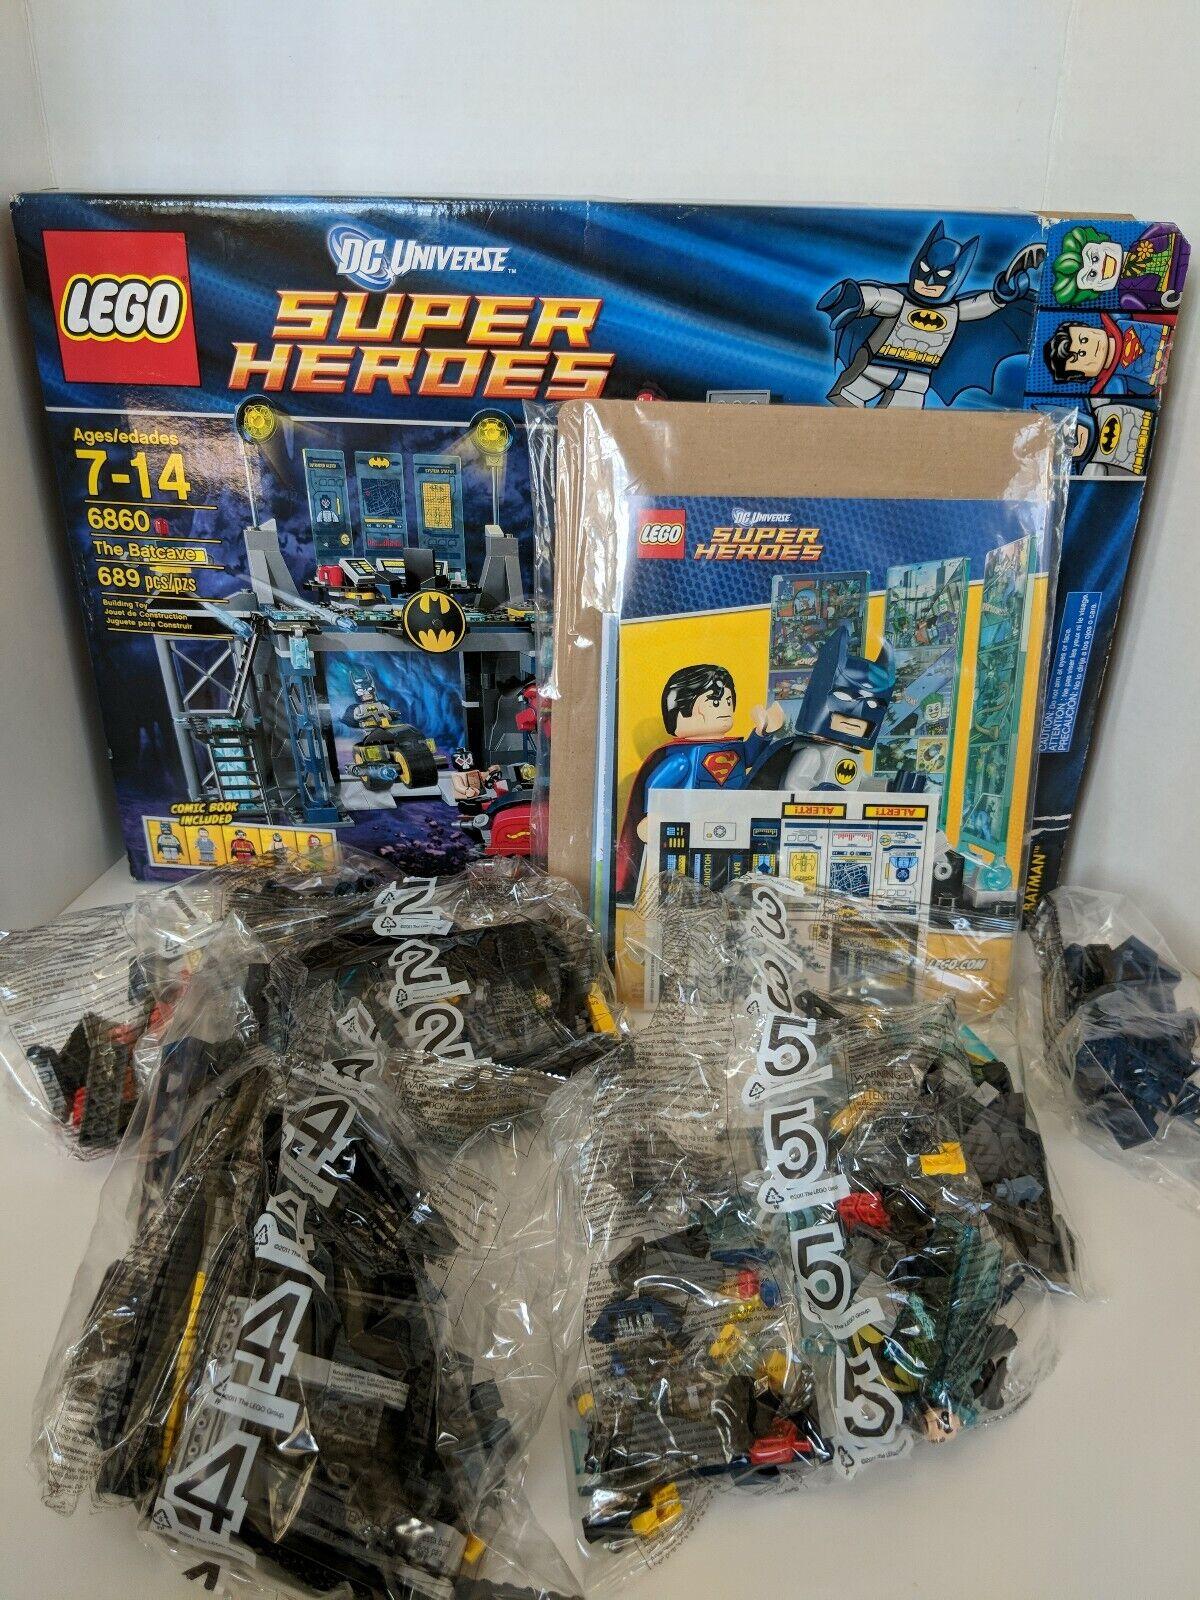 2012 Lego Dc Universe Super Heroes Batman 6860 la Baticueva Nueva En Caja Comic Minifig